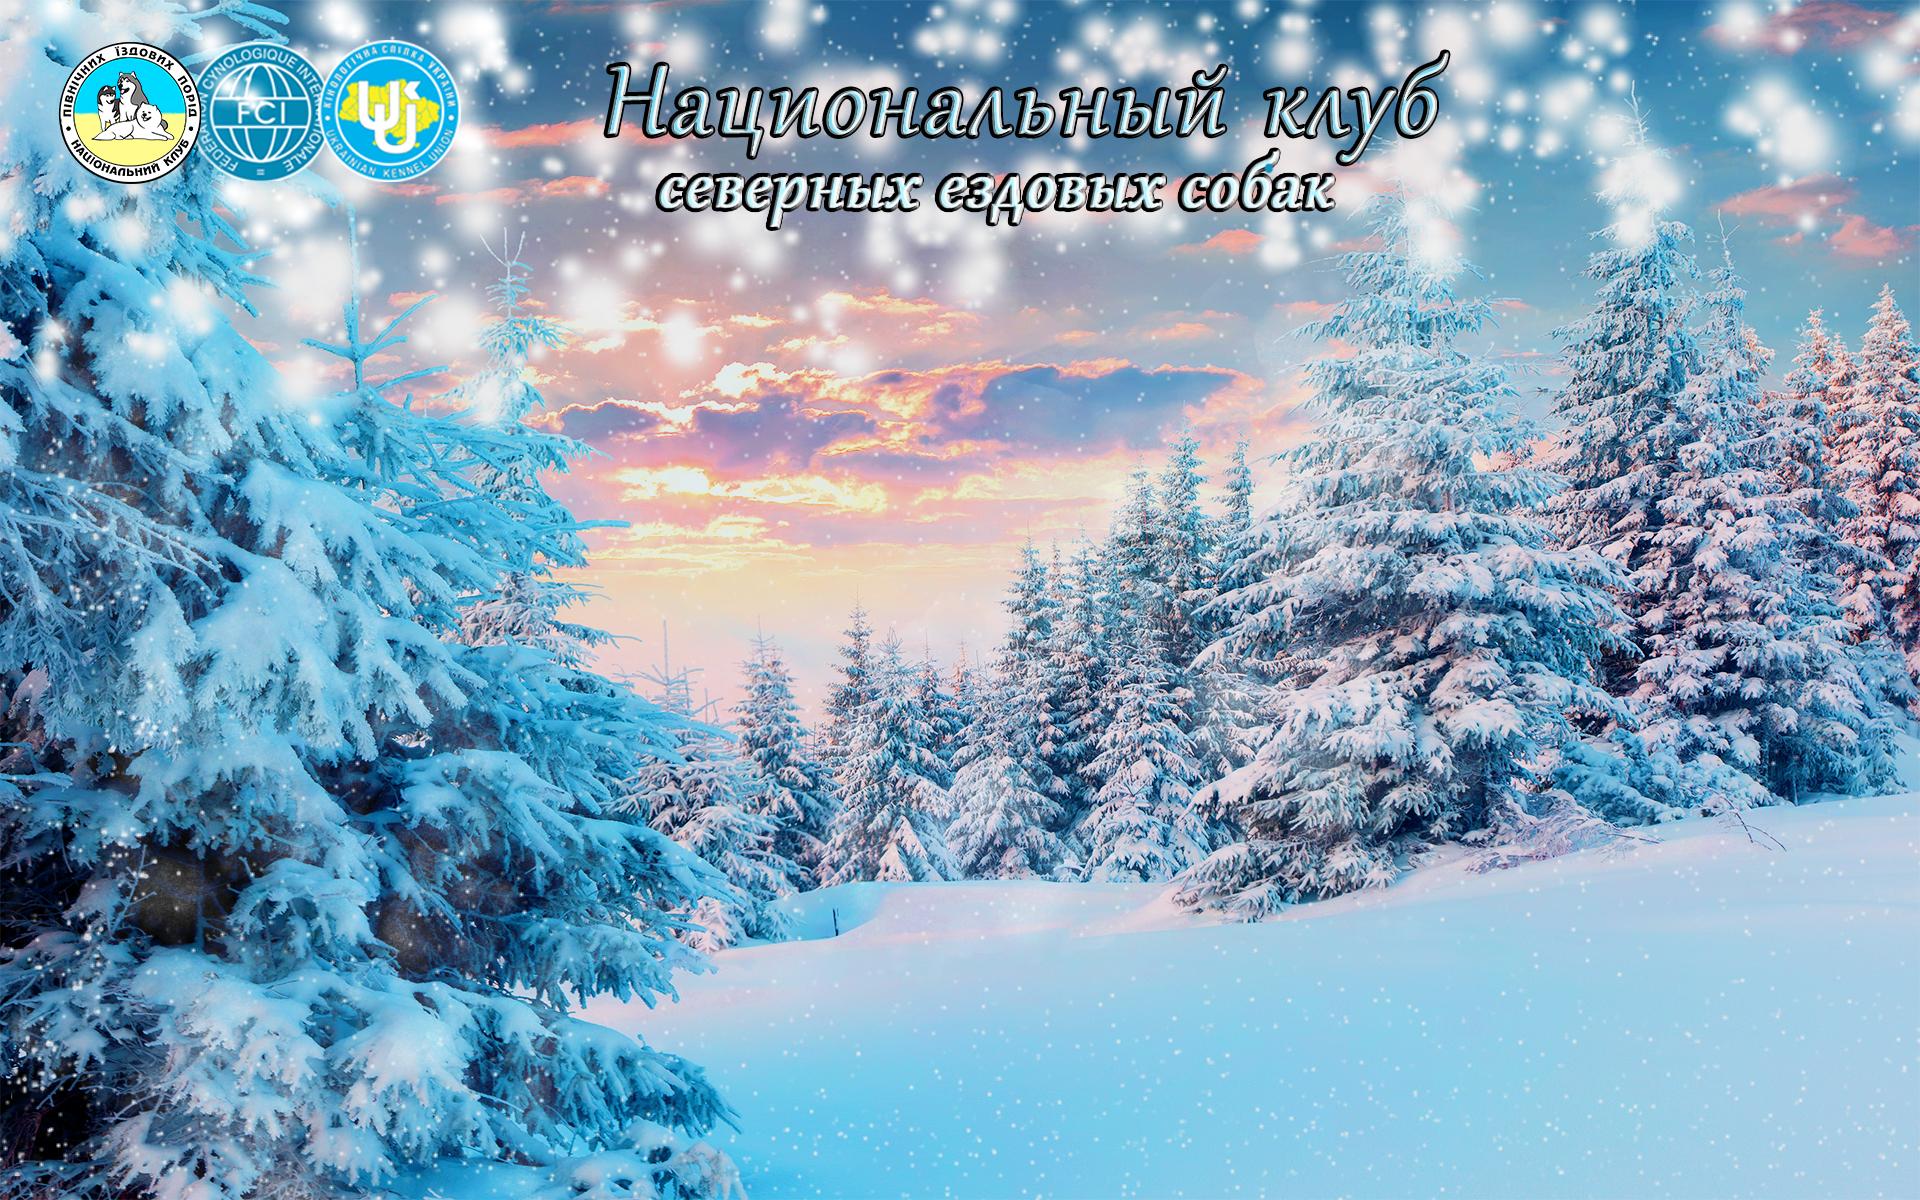 Зимний фон для сайта http://sleddogs.club/